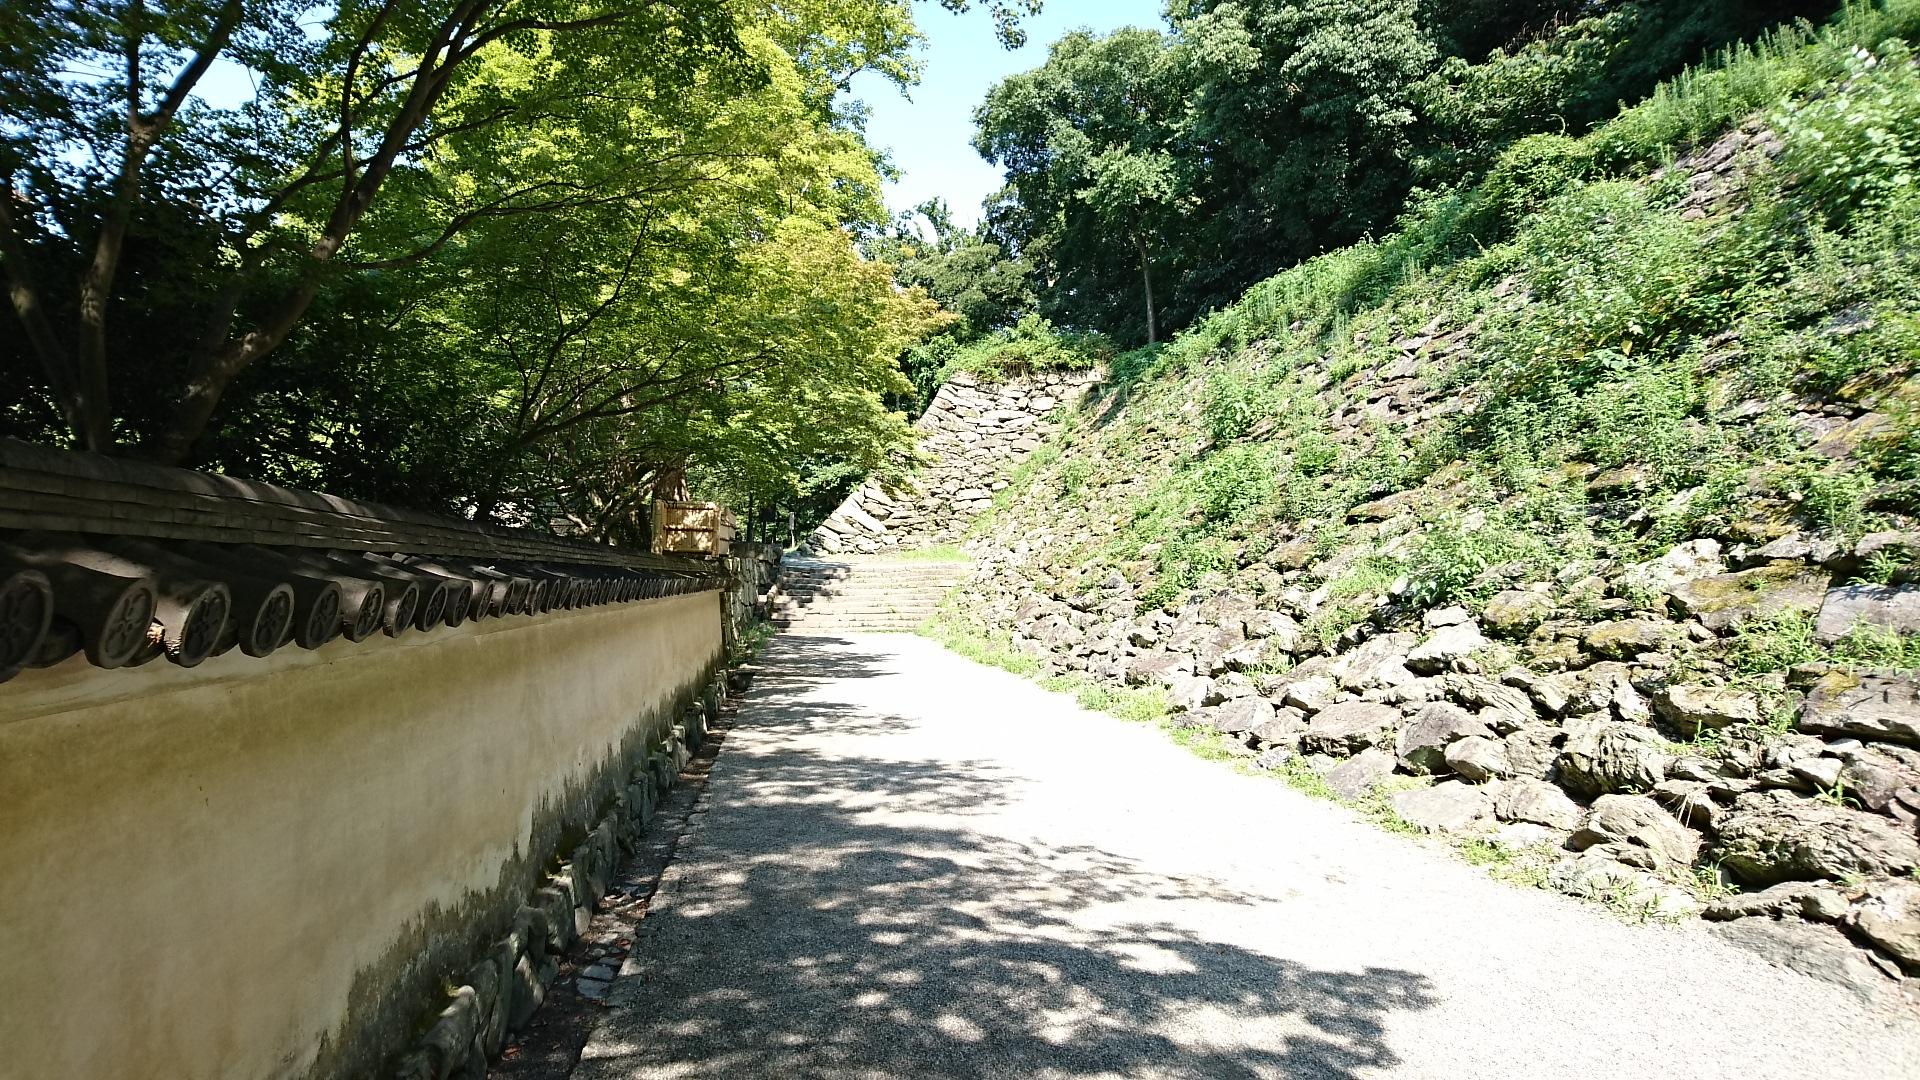 2017.8.17 わかやま (3) 和歌山城=いしがき 1920-1080